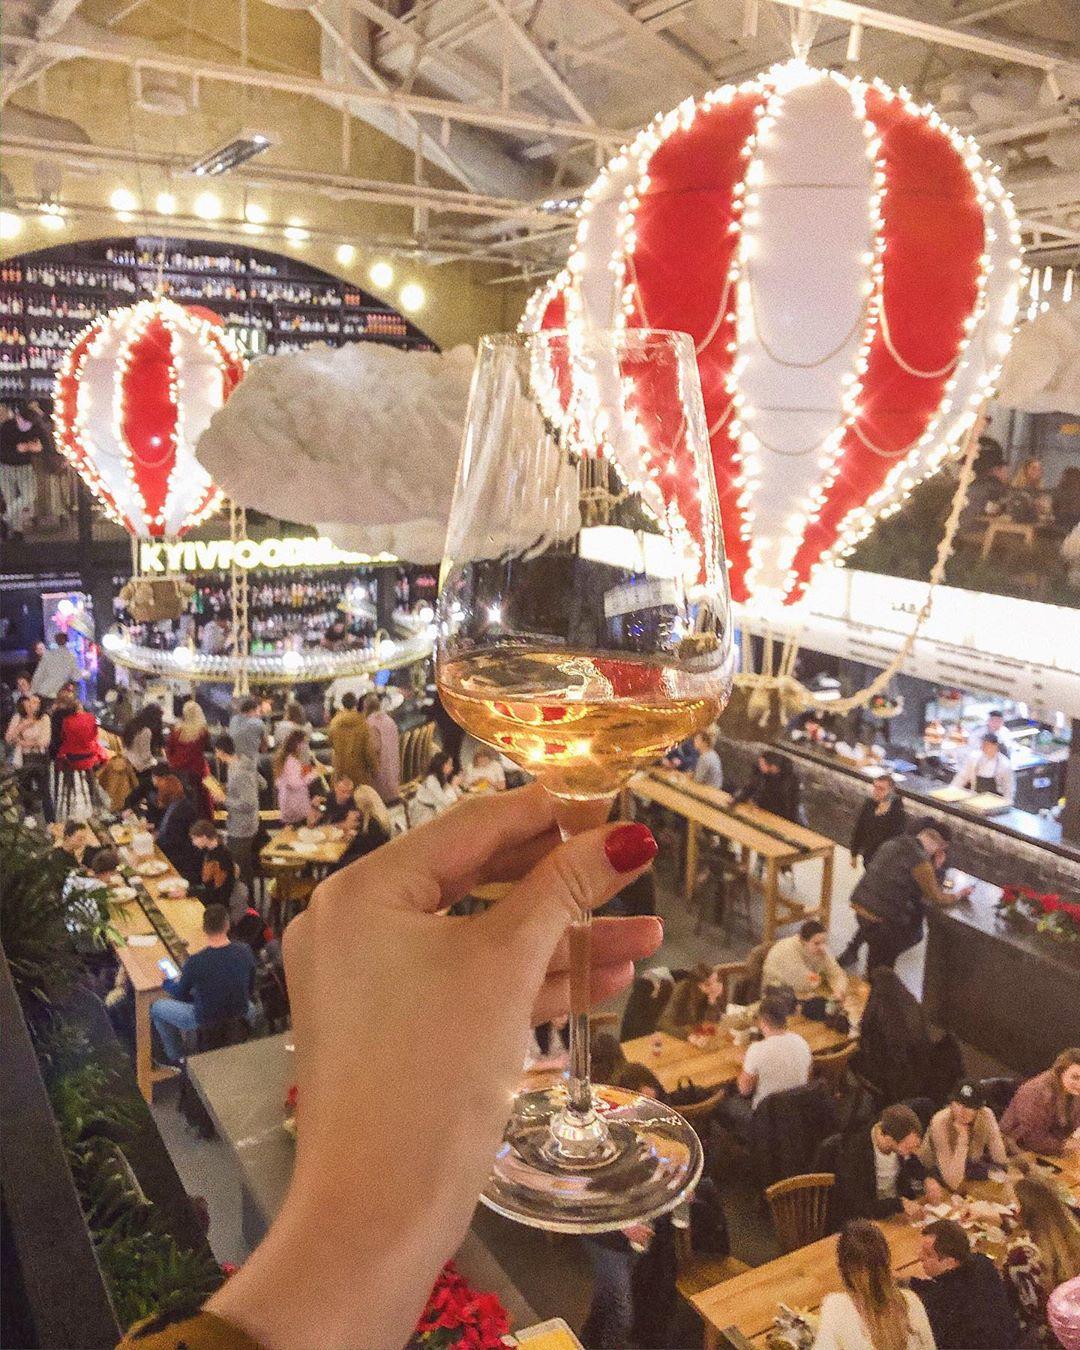 И снова Kyiv Food Market - ведь Новый год это еще и вкусно! Фото - @evelinapopova